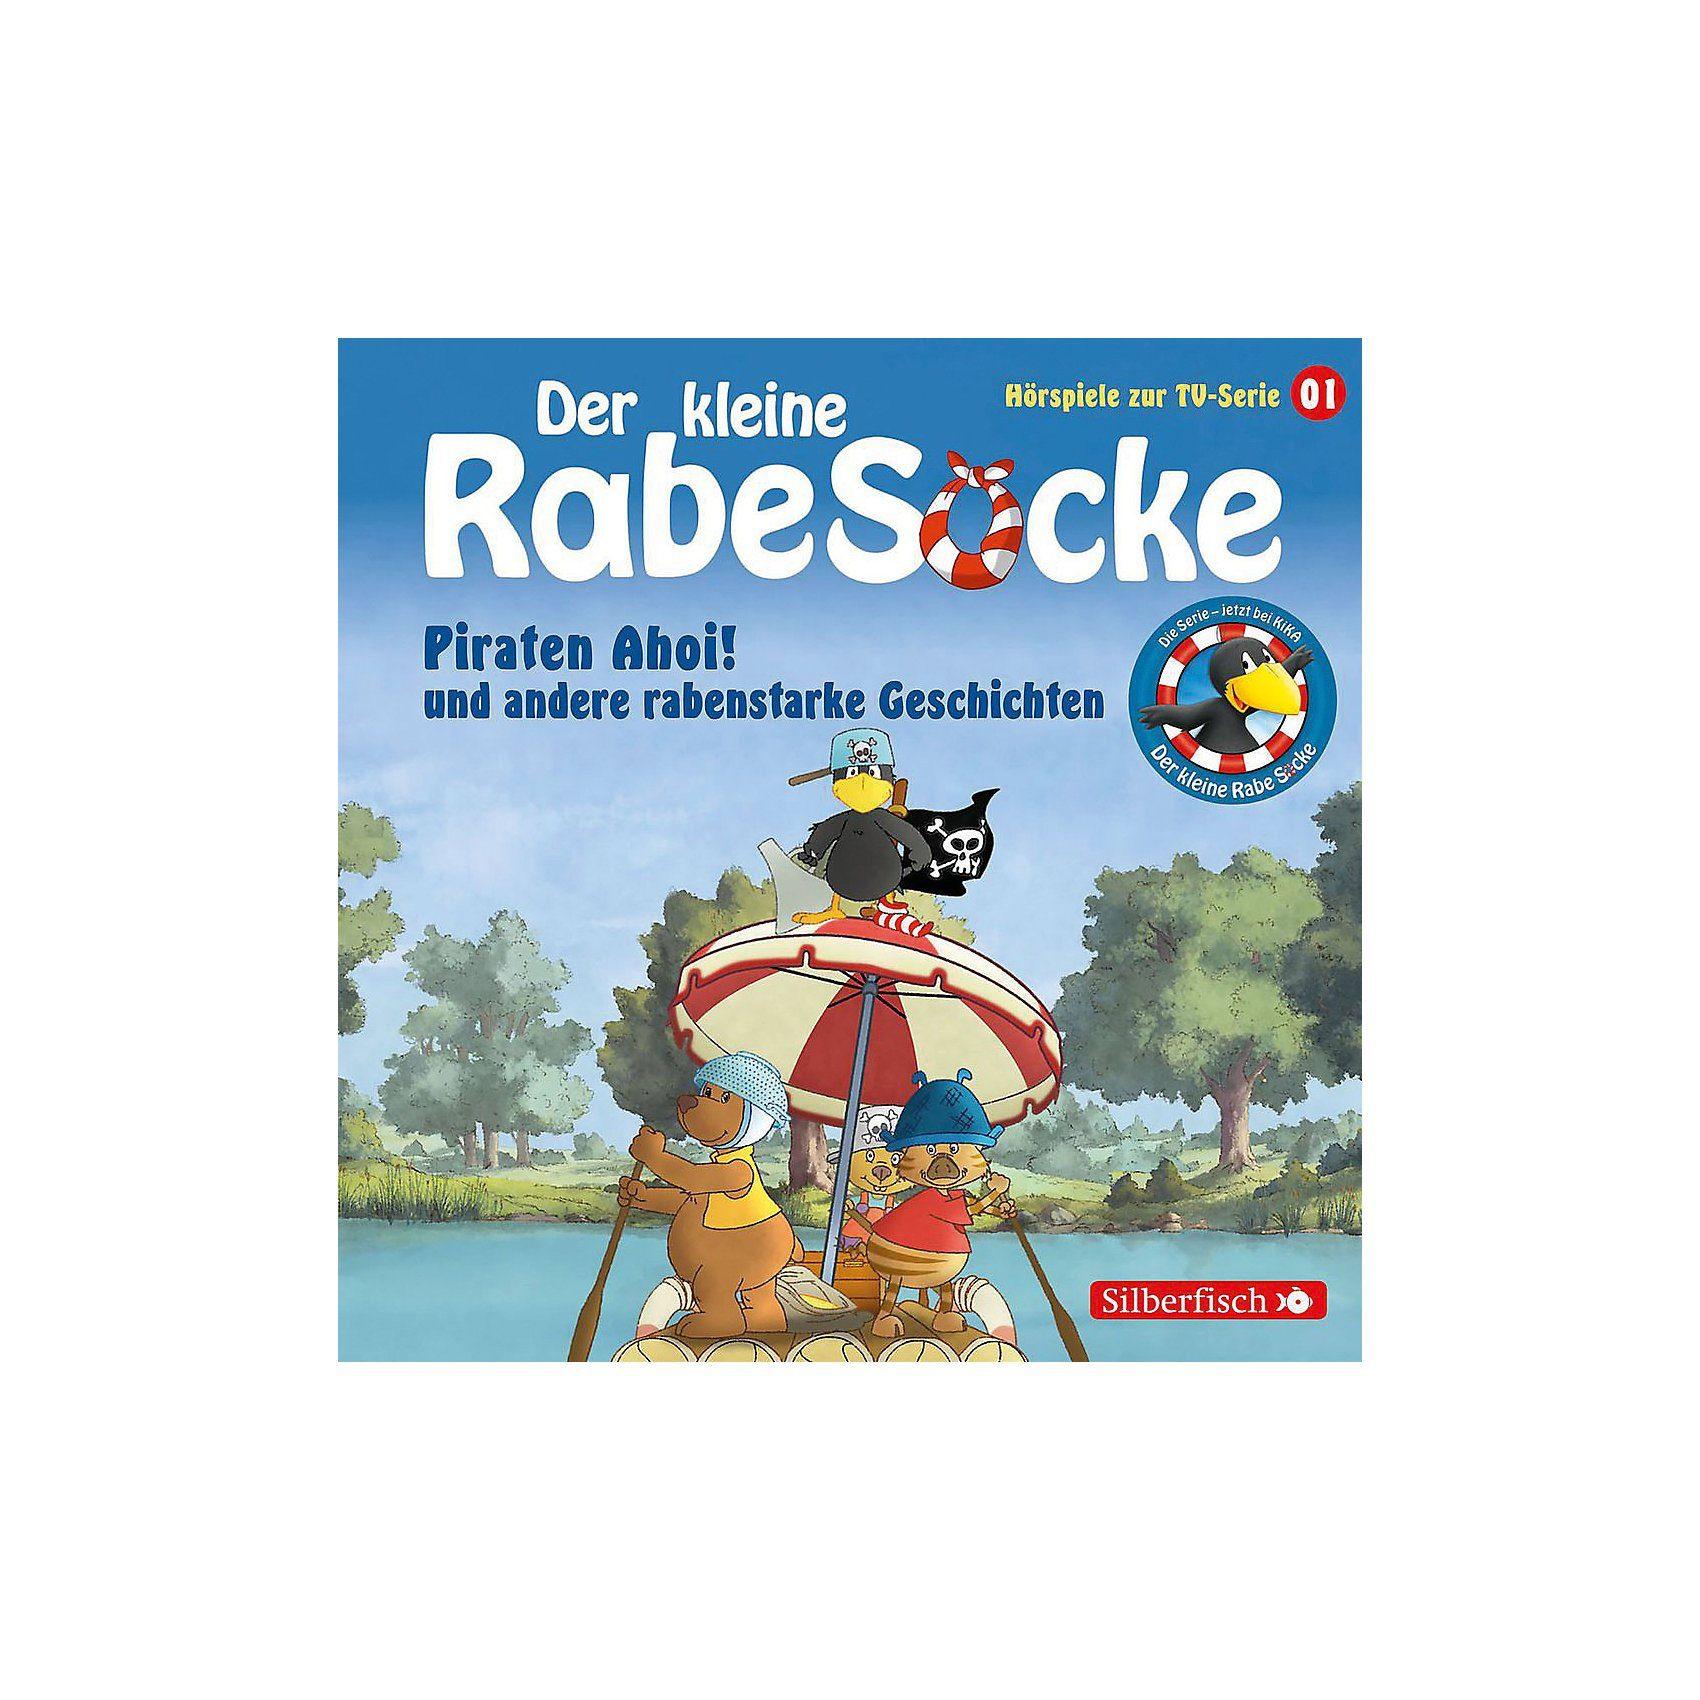 Universal CD Der kleine Rabe Socke 01: Piraten Ahoi! (Hörspiel zur TV